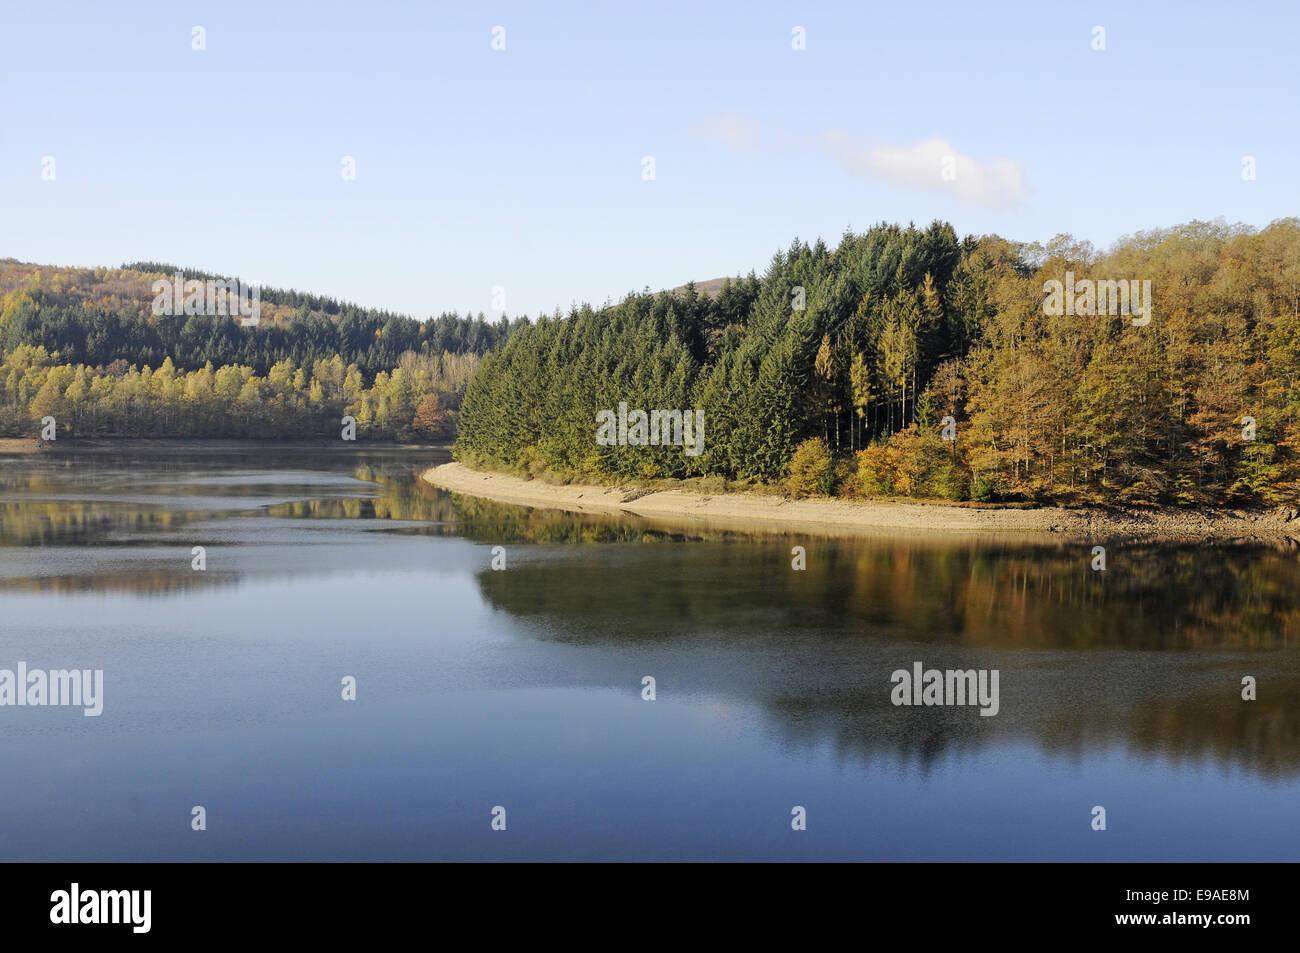 Réservoir, Esch sur sure, Luxembourg Photo Stock